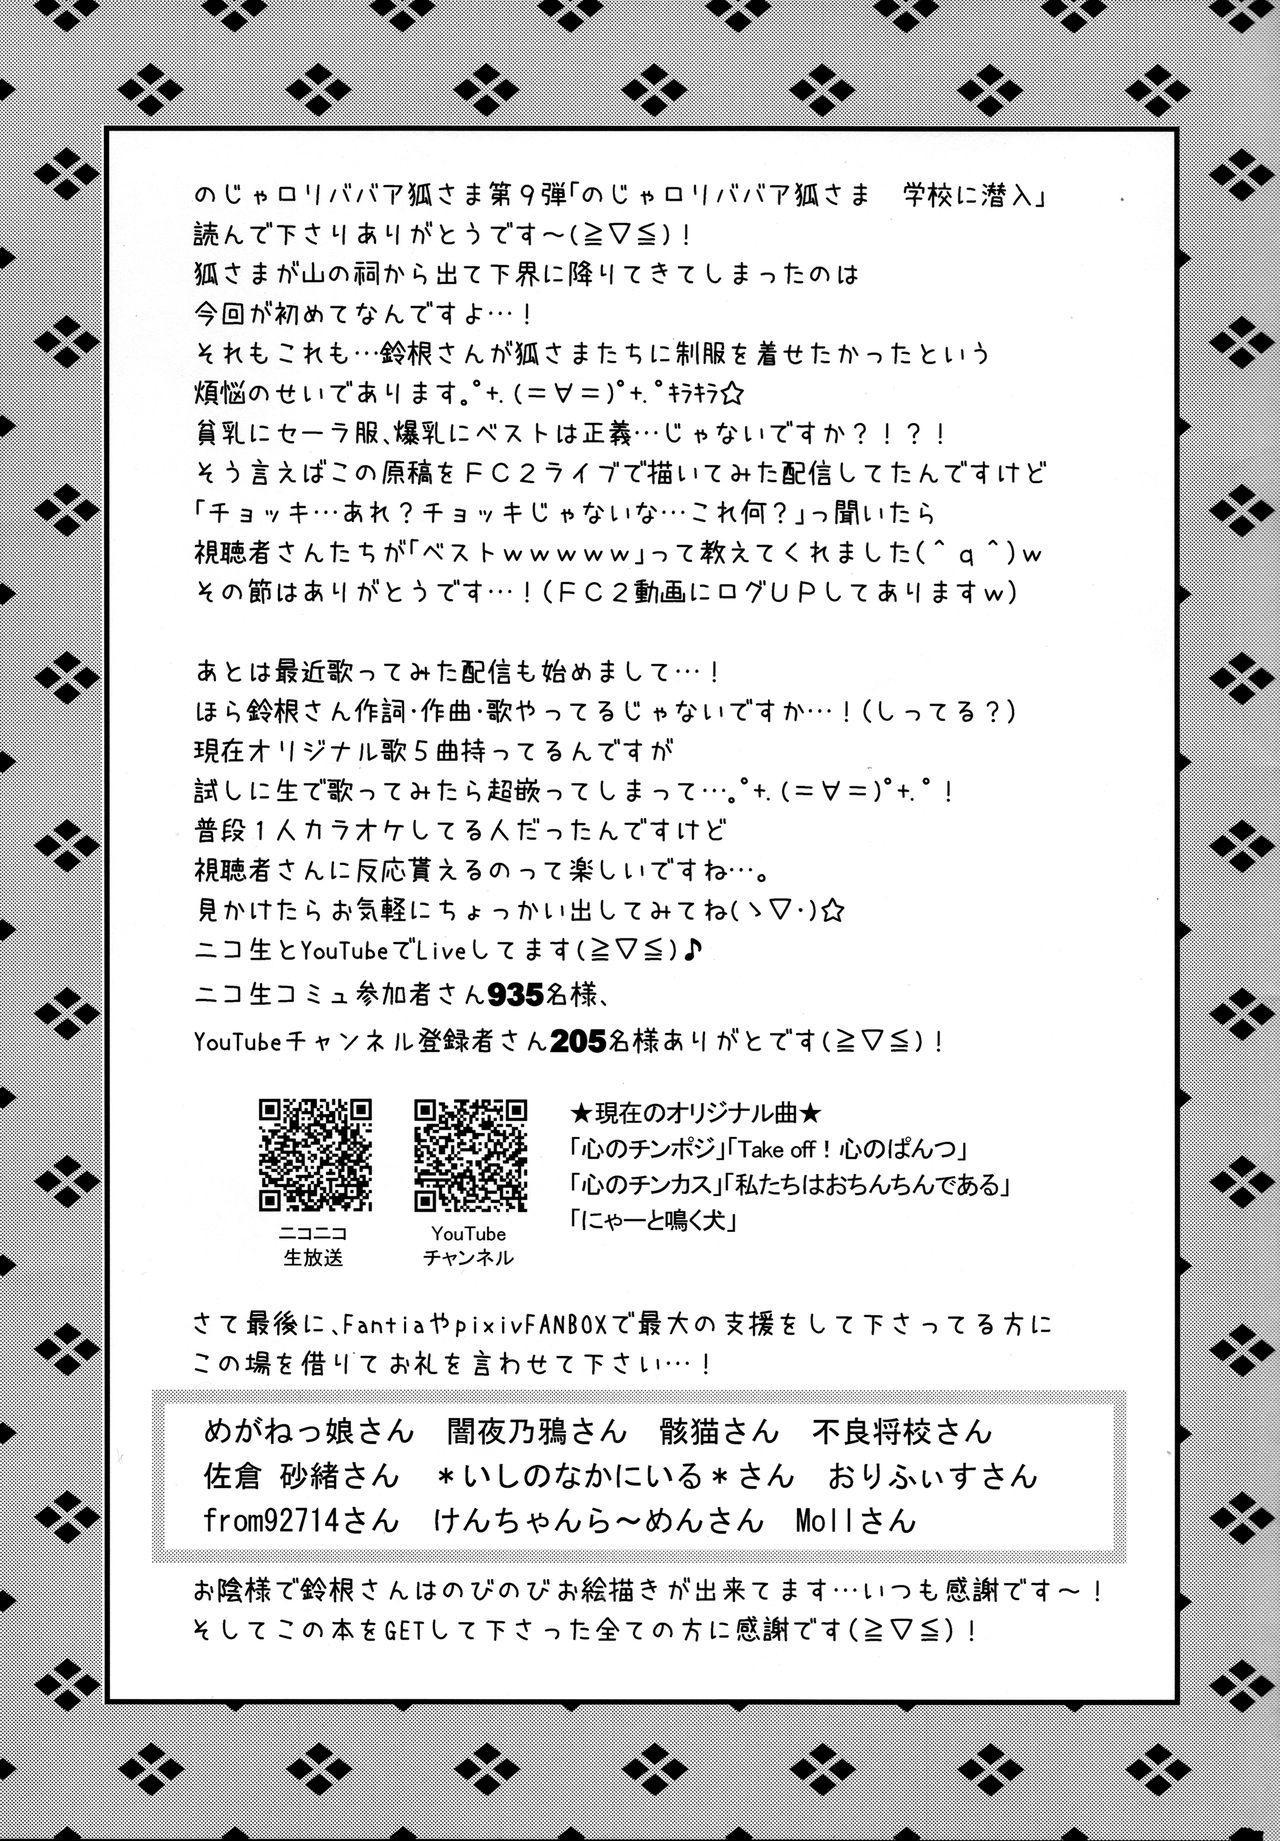 Noja Loli Babaa Kitsune-sama Gakkou ni Sennyu 20